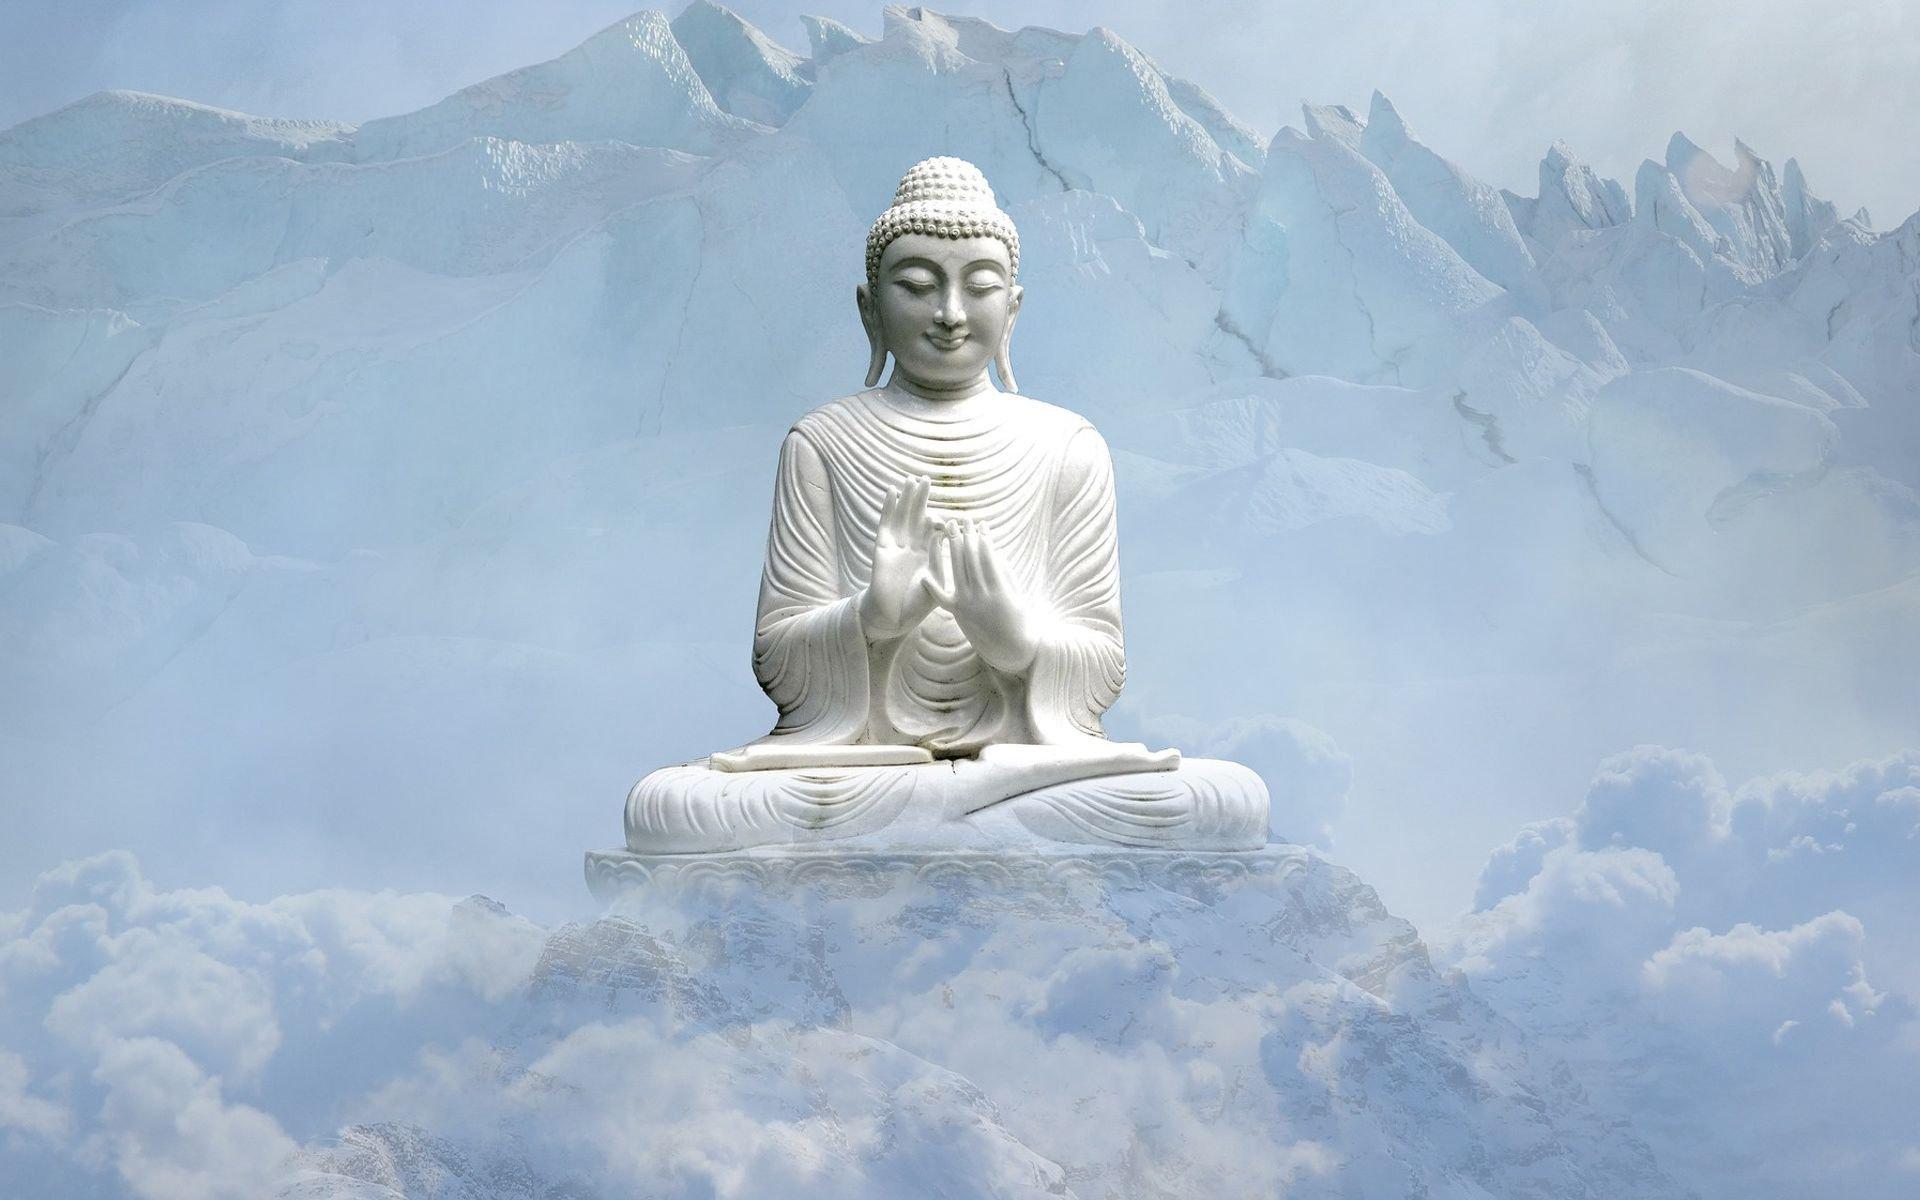 Hình ảnh Phật trên núi đẹp